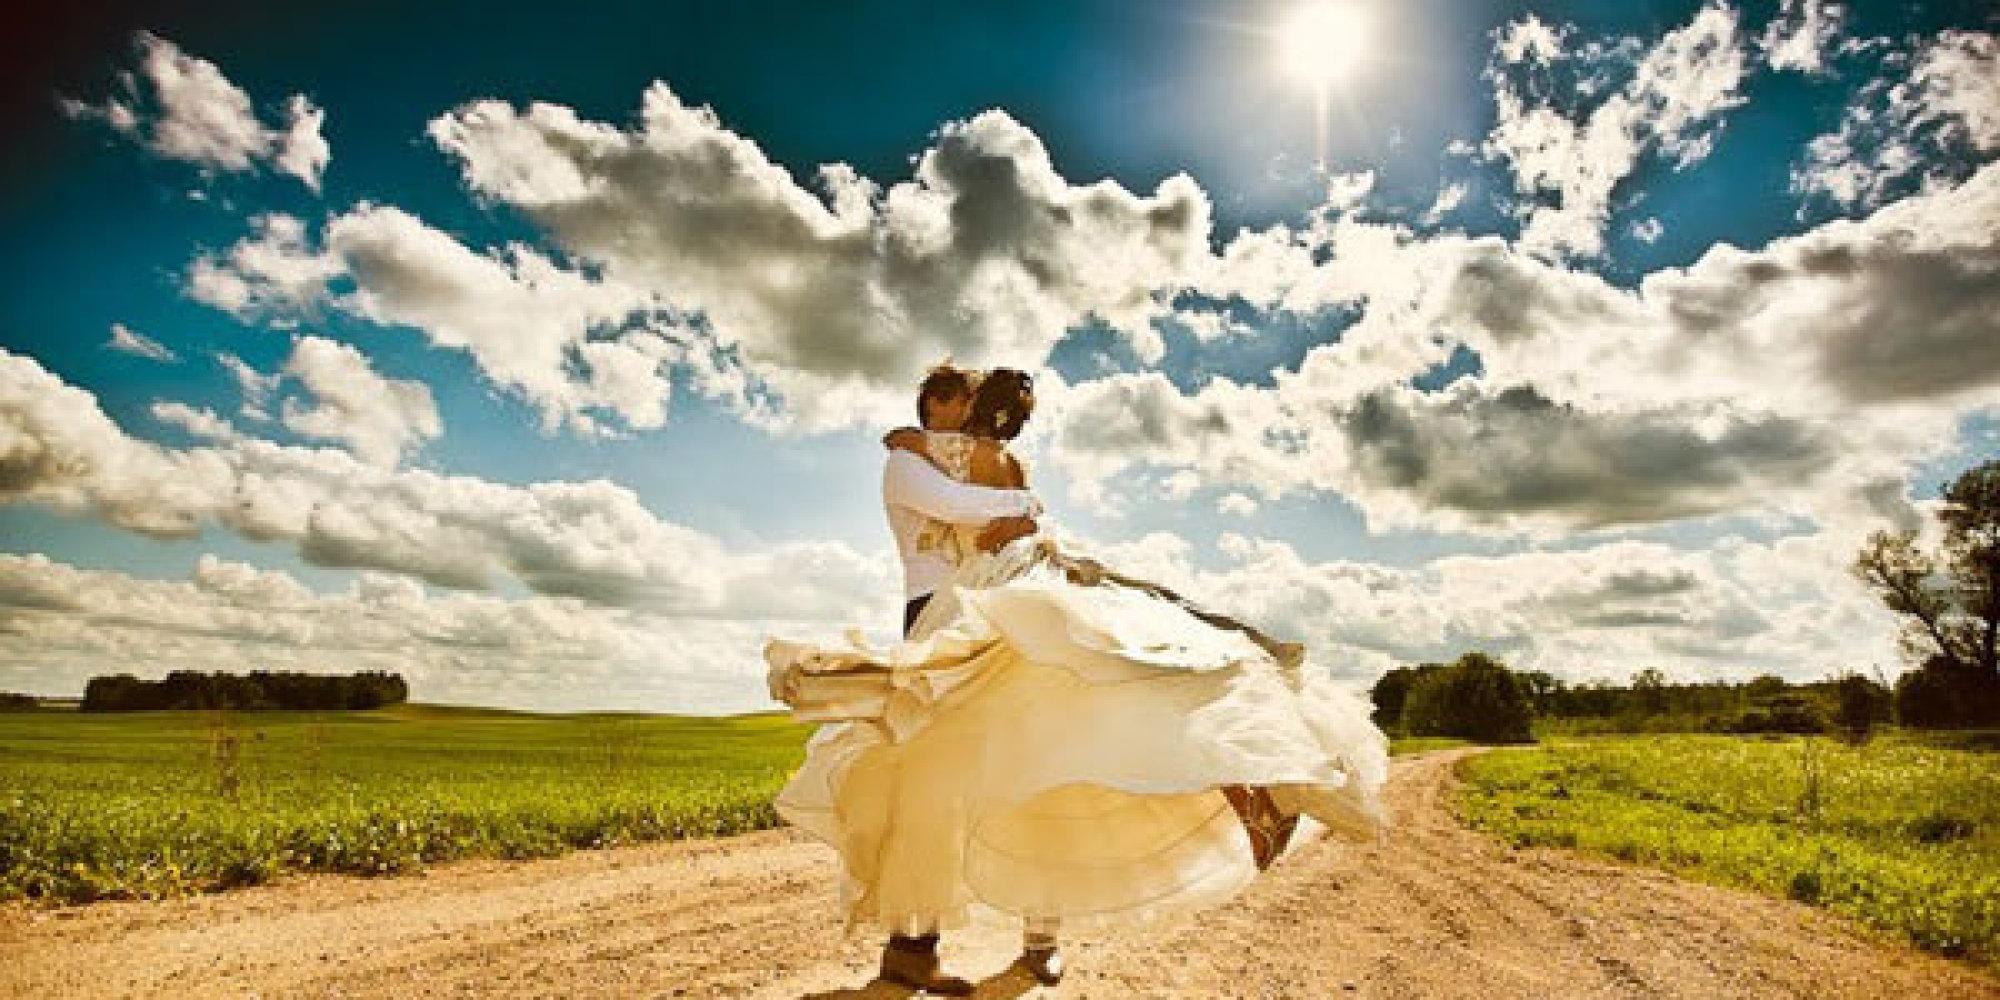 Ce muzica se poate asculta la petrecerea de nunta